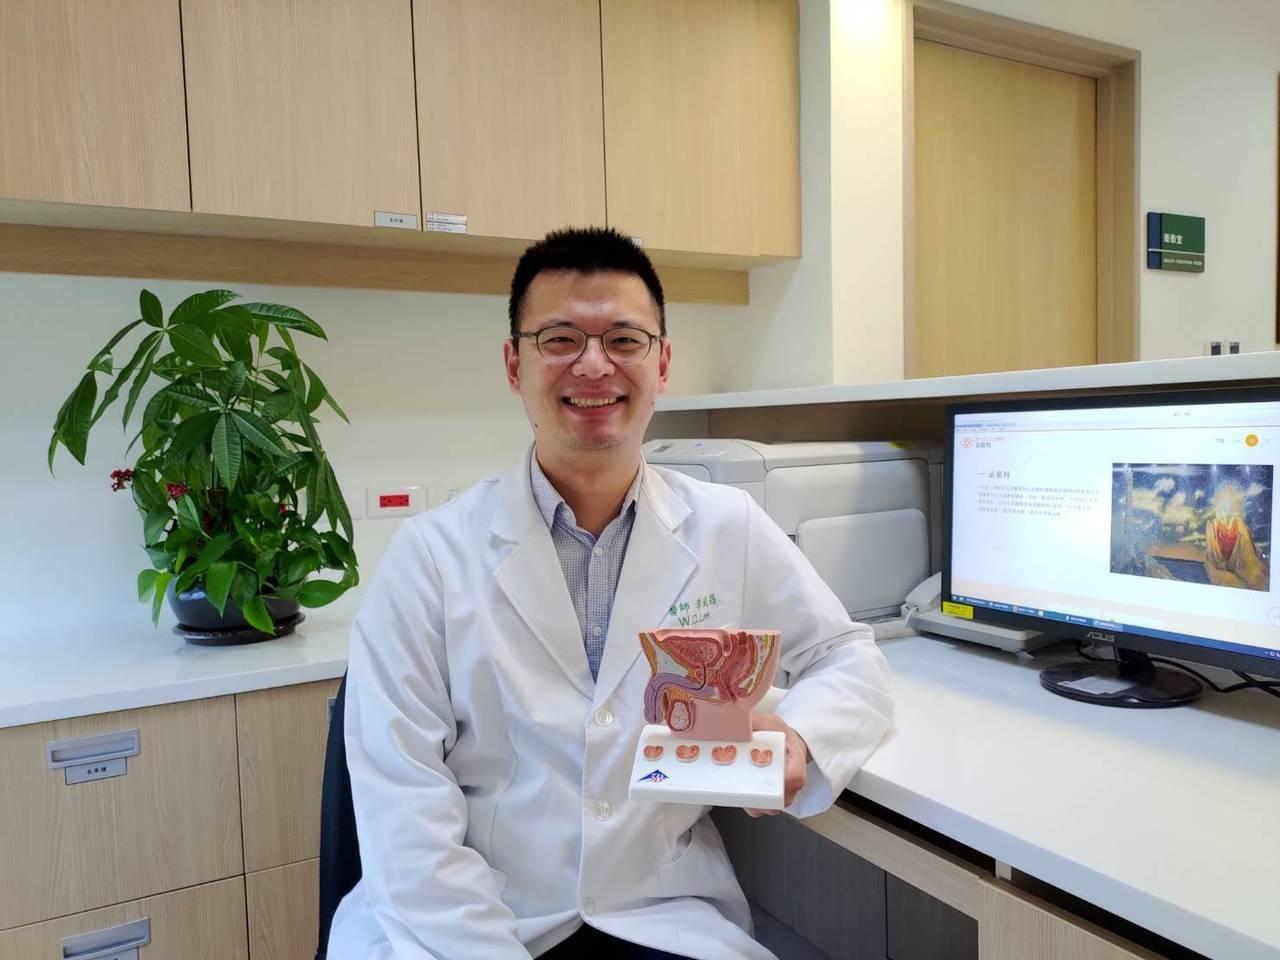 土城醫院泌尿外科主治醫師李威昌表示,攝護腺肥大是中年男性常碰到的問題,若影響生活...